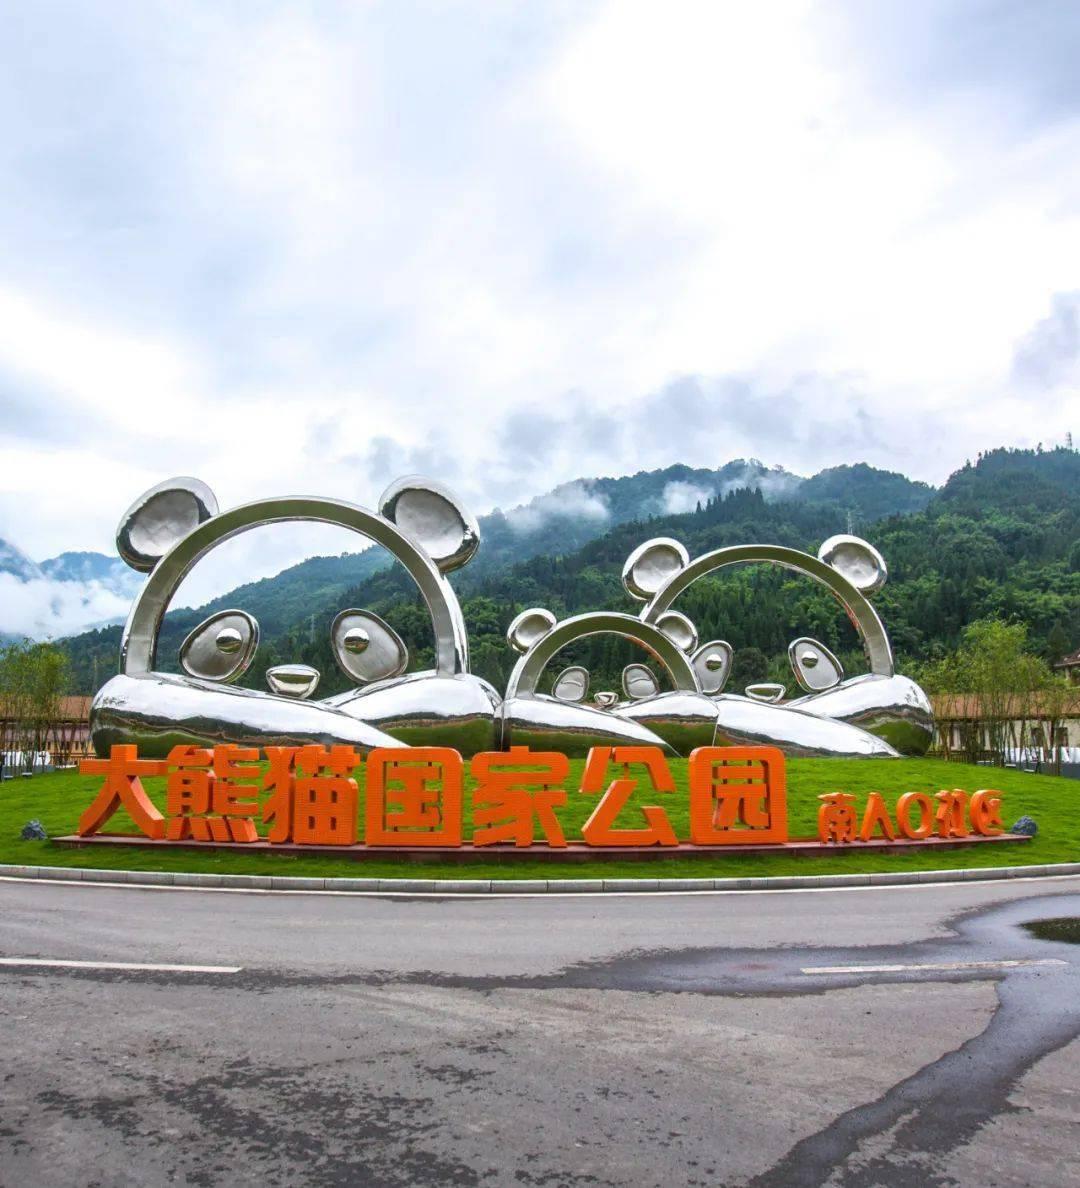 大熊猫国家公园建设在雅安 | 依托生态优势与大熊猫和谐共处